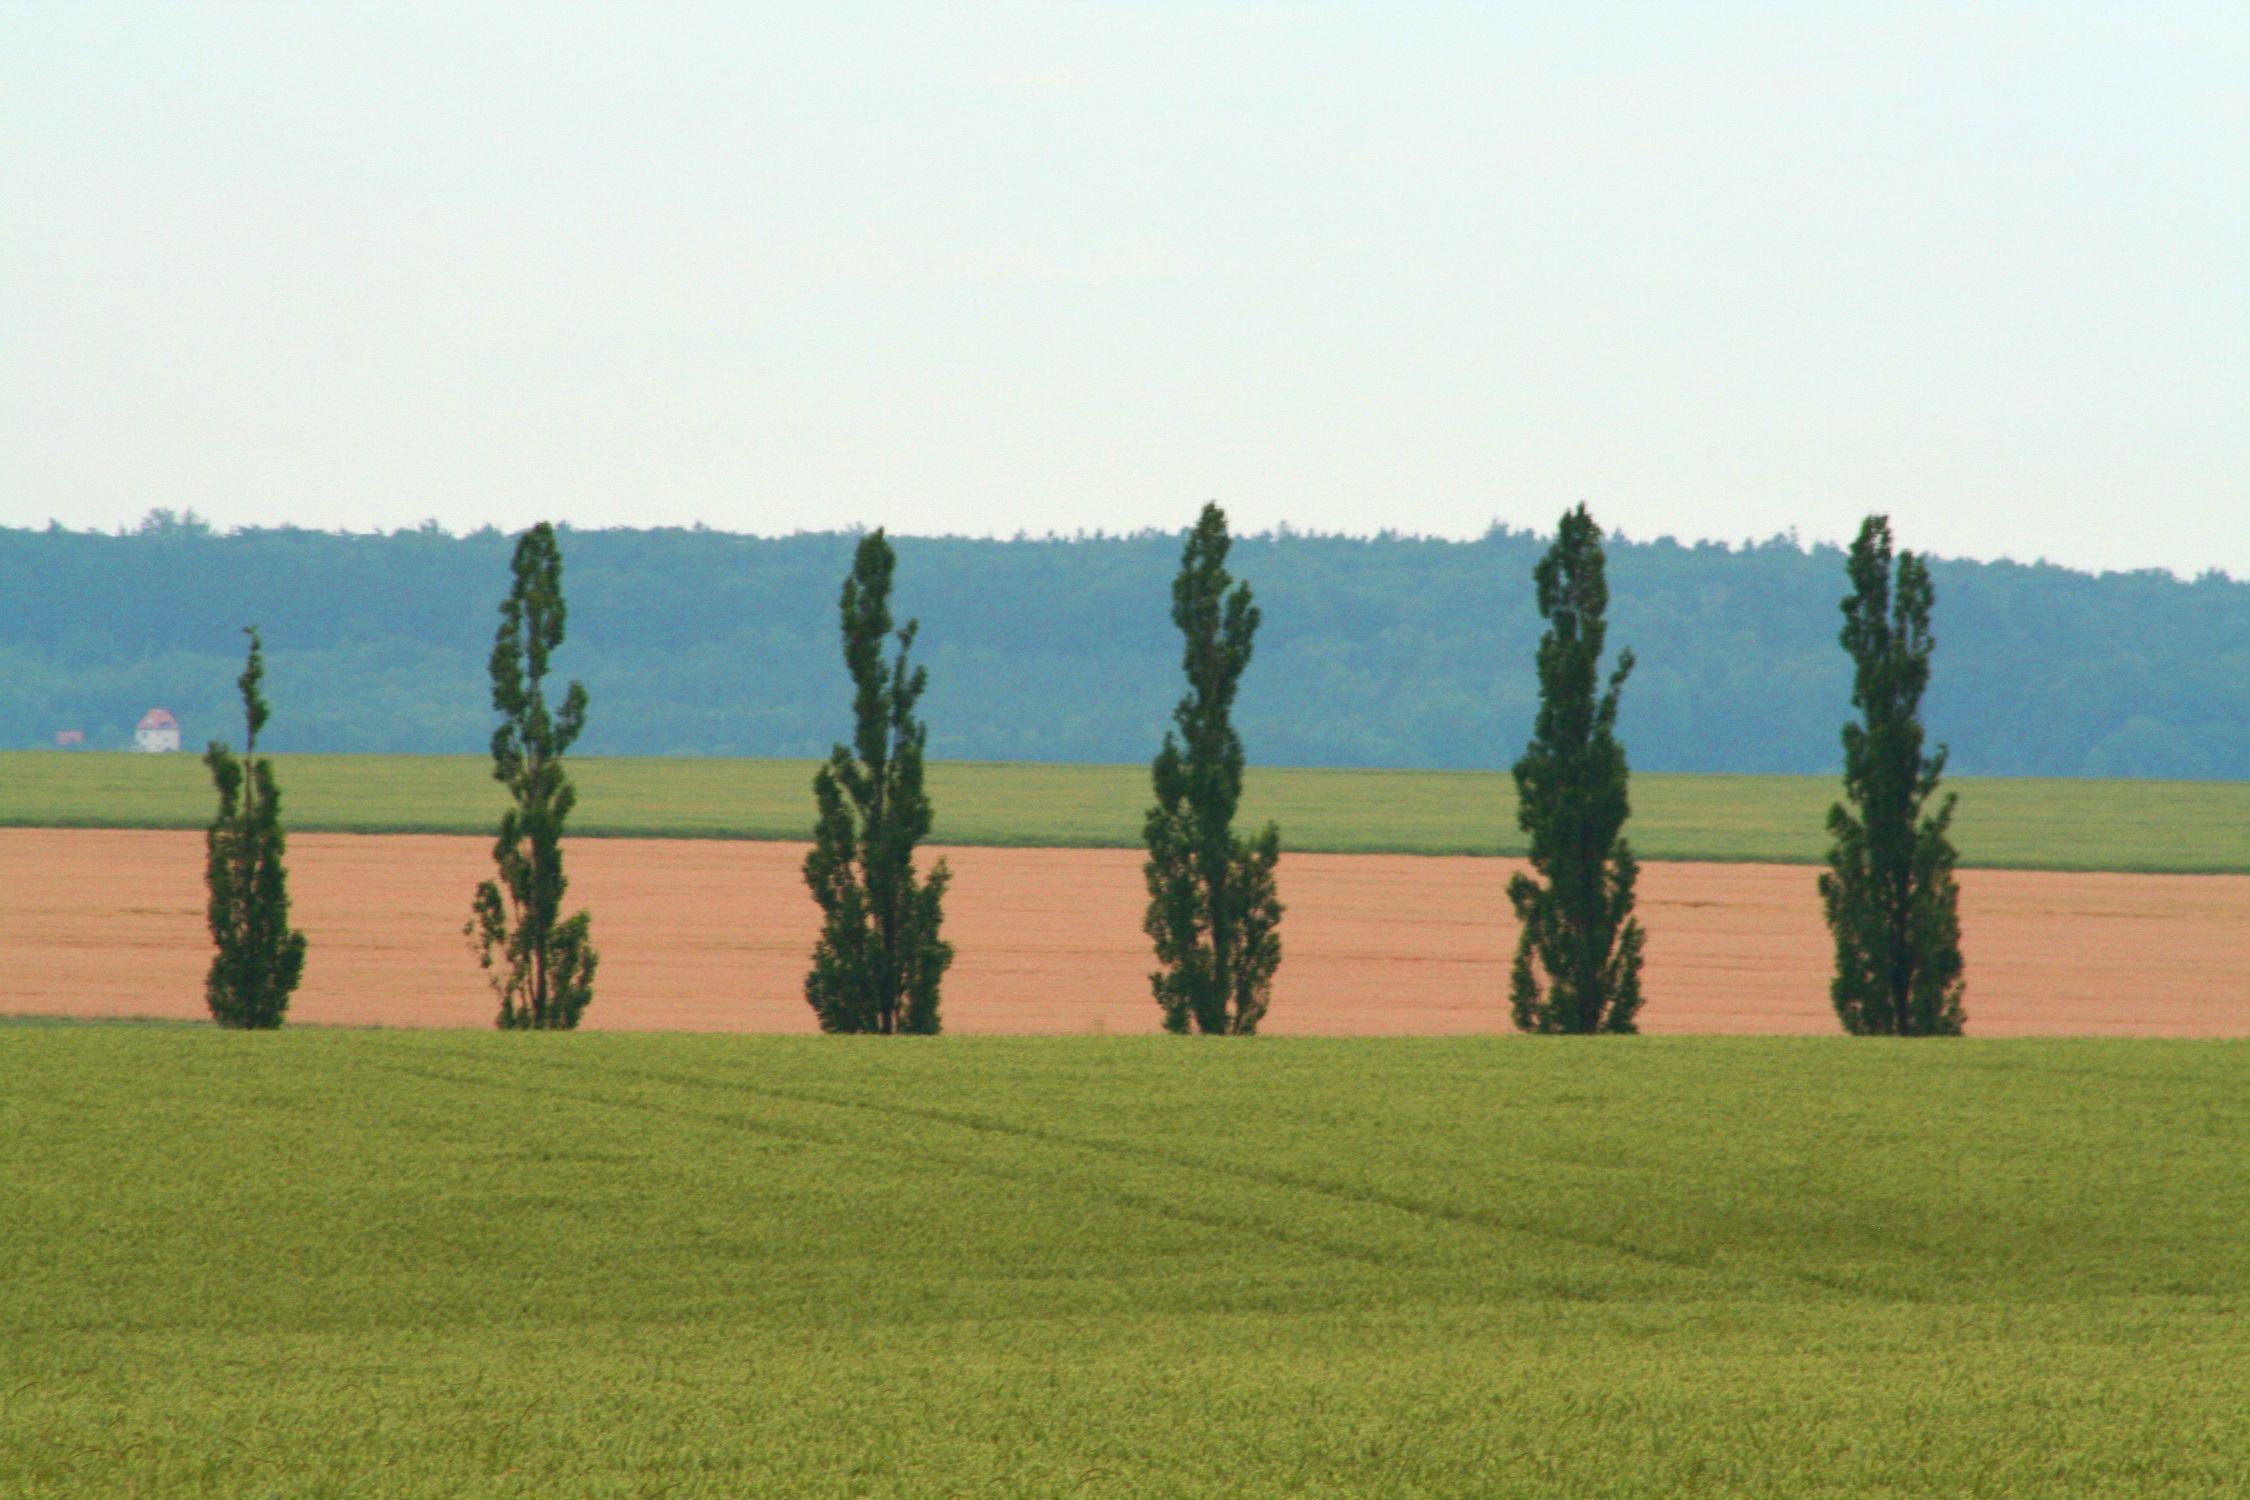 Bild mit Natur, Pflanzen, Gräser, Landschaften, Himmel, Bäume, Weiden und Wiesen, Nadelbäume